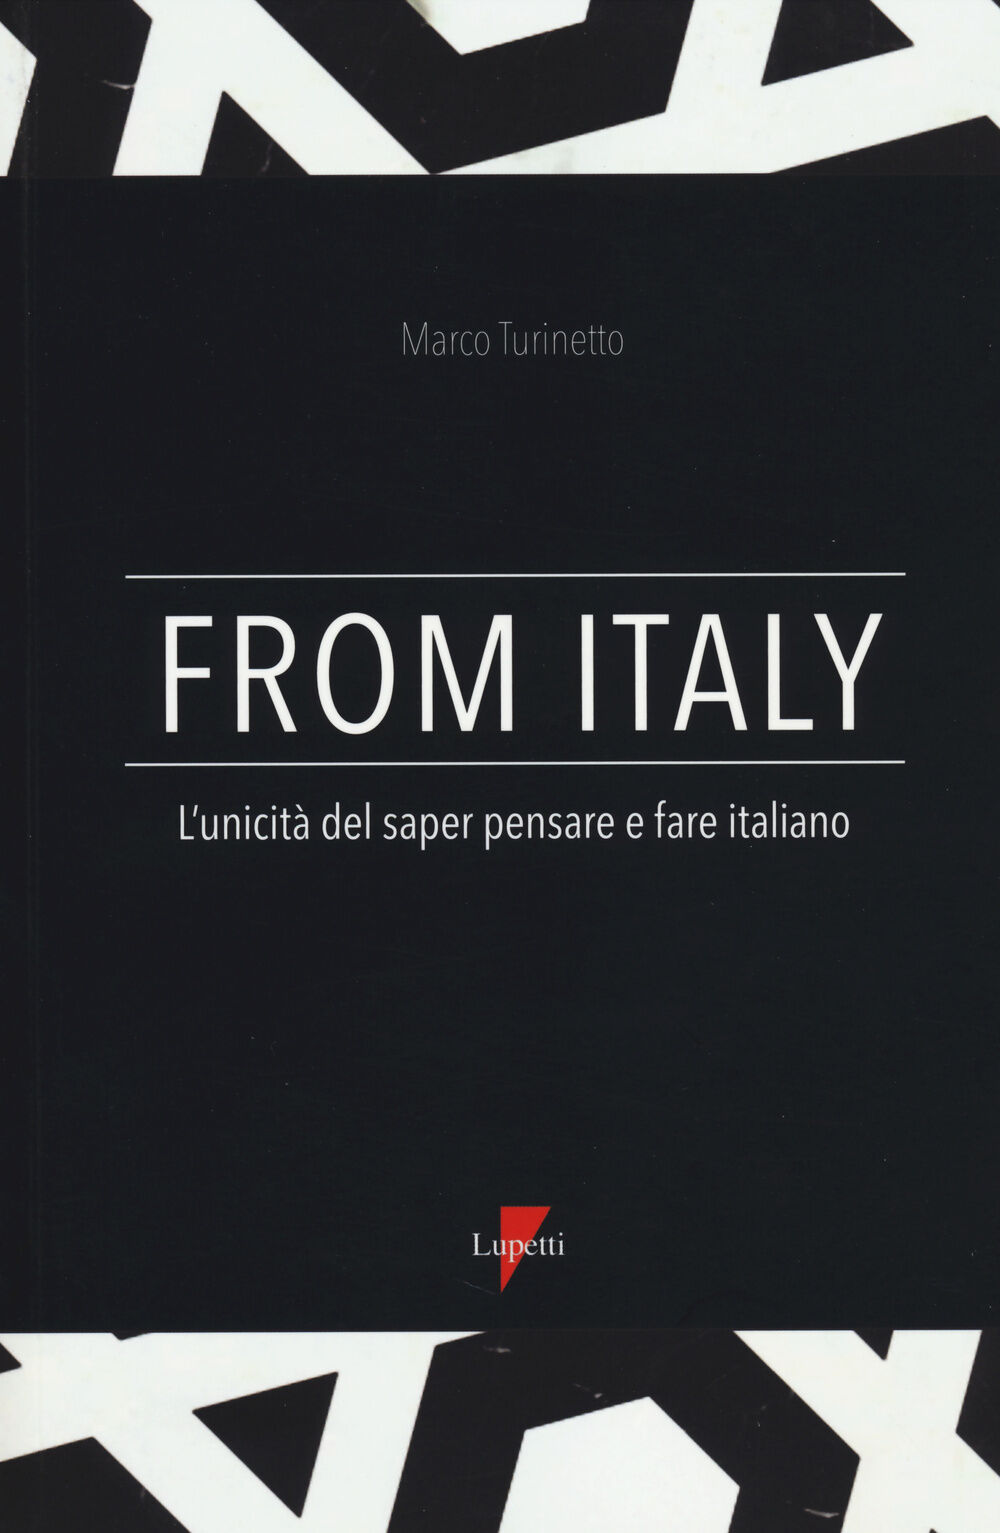 From Italy. L'unicità del saper pensare e fare italiano